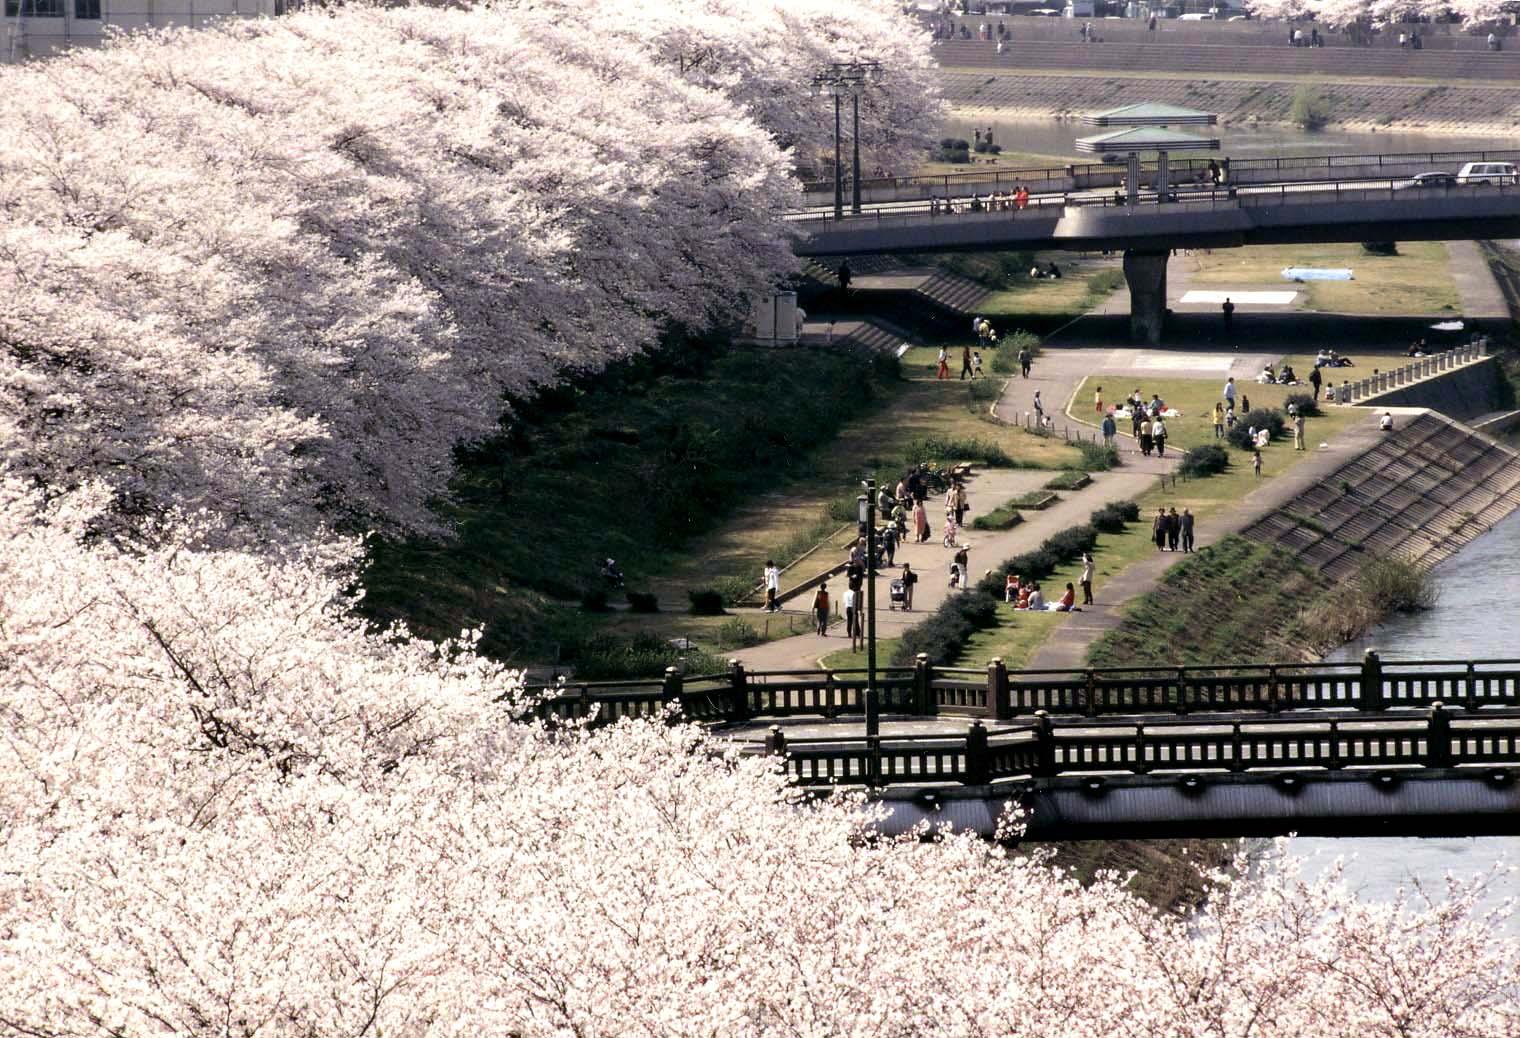 Kinh nghiệm du lịch Nhật Bản tự túc | Ngắm hoa anh đào